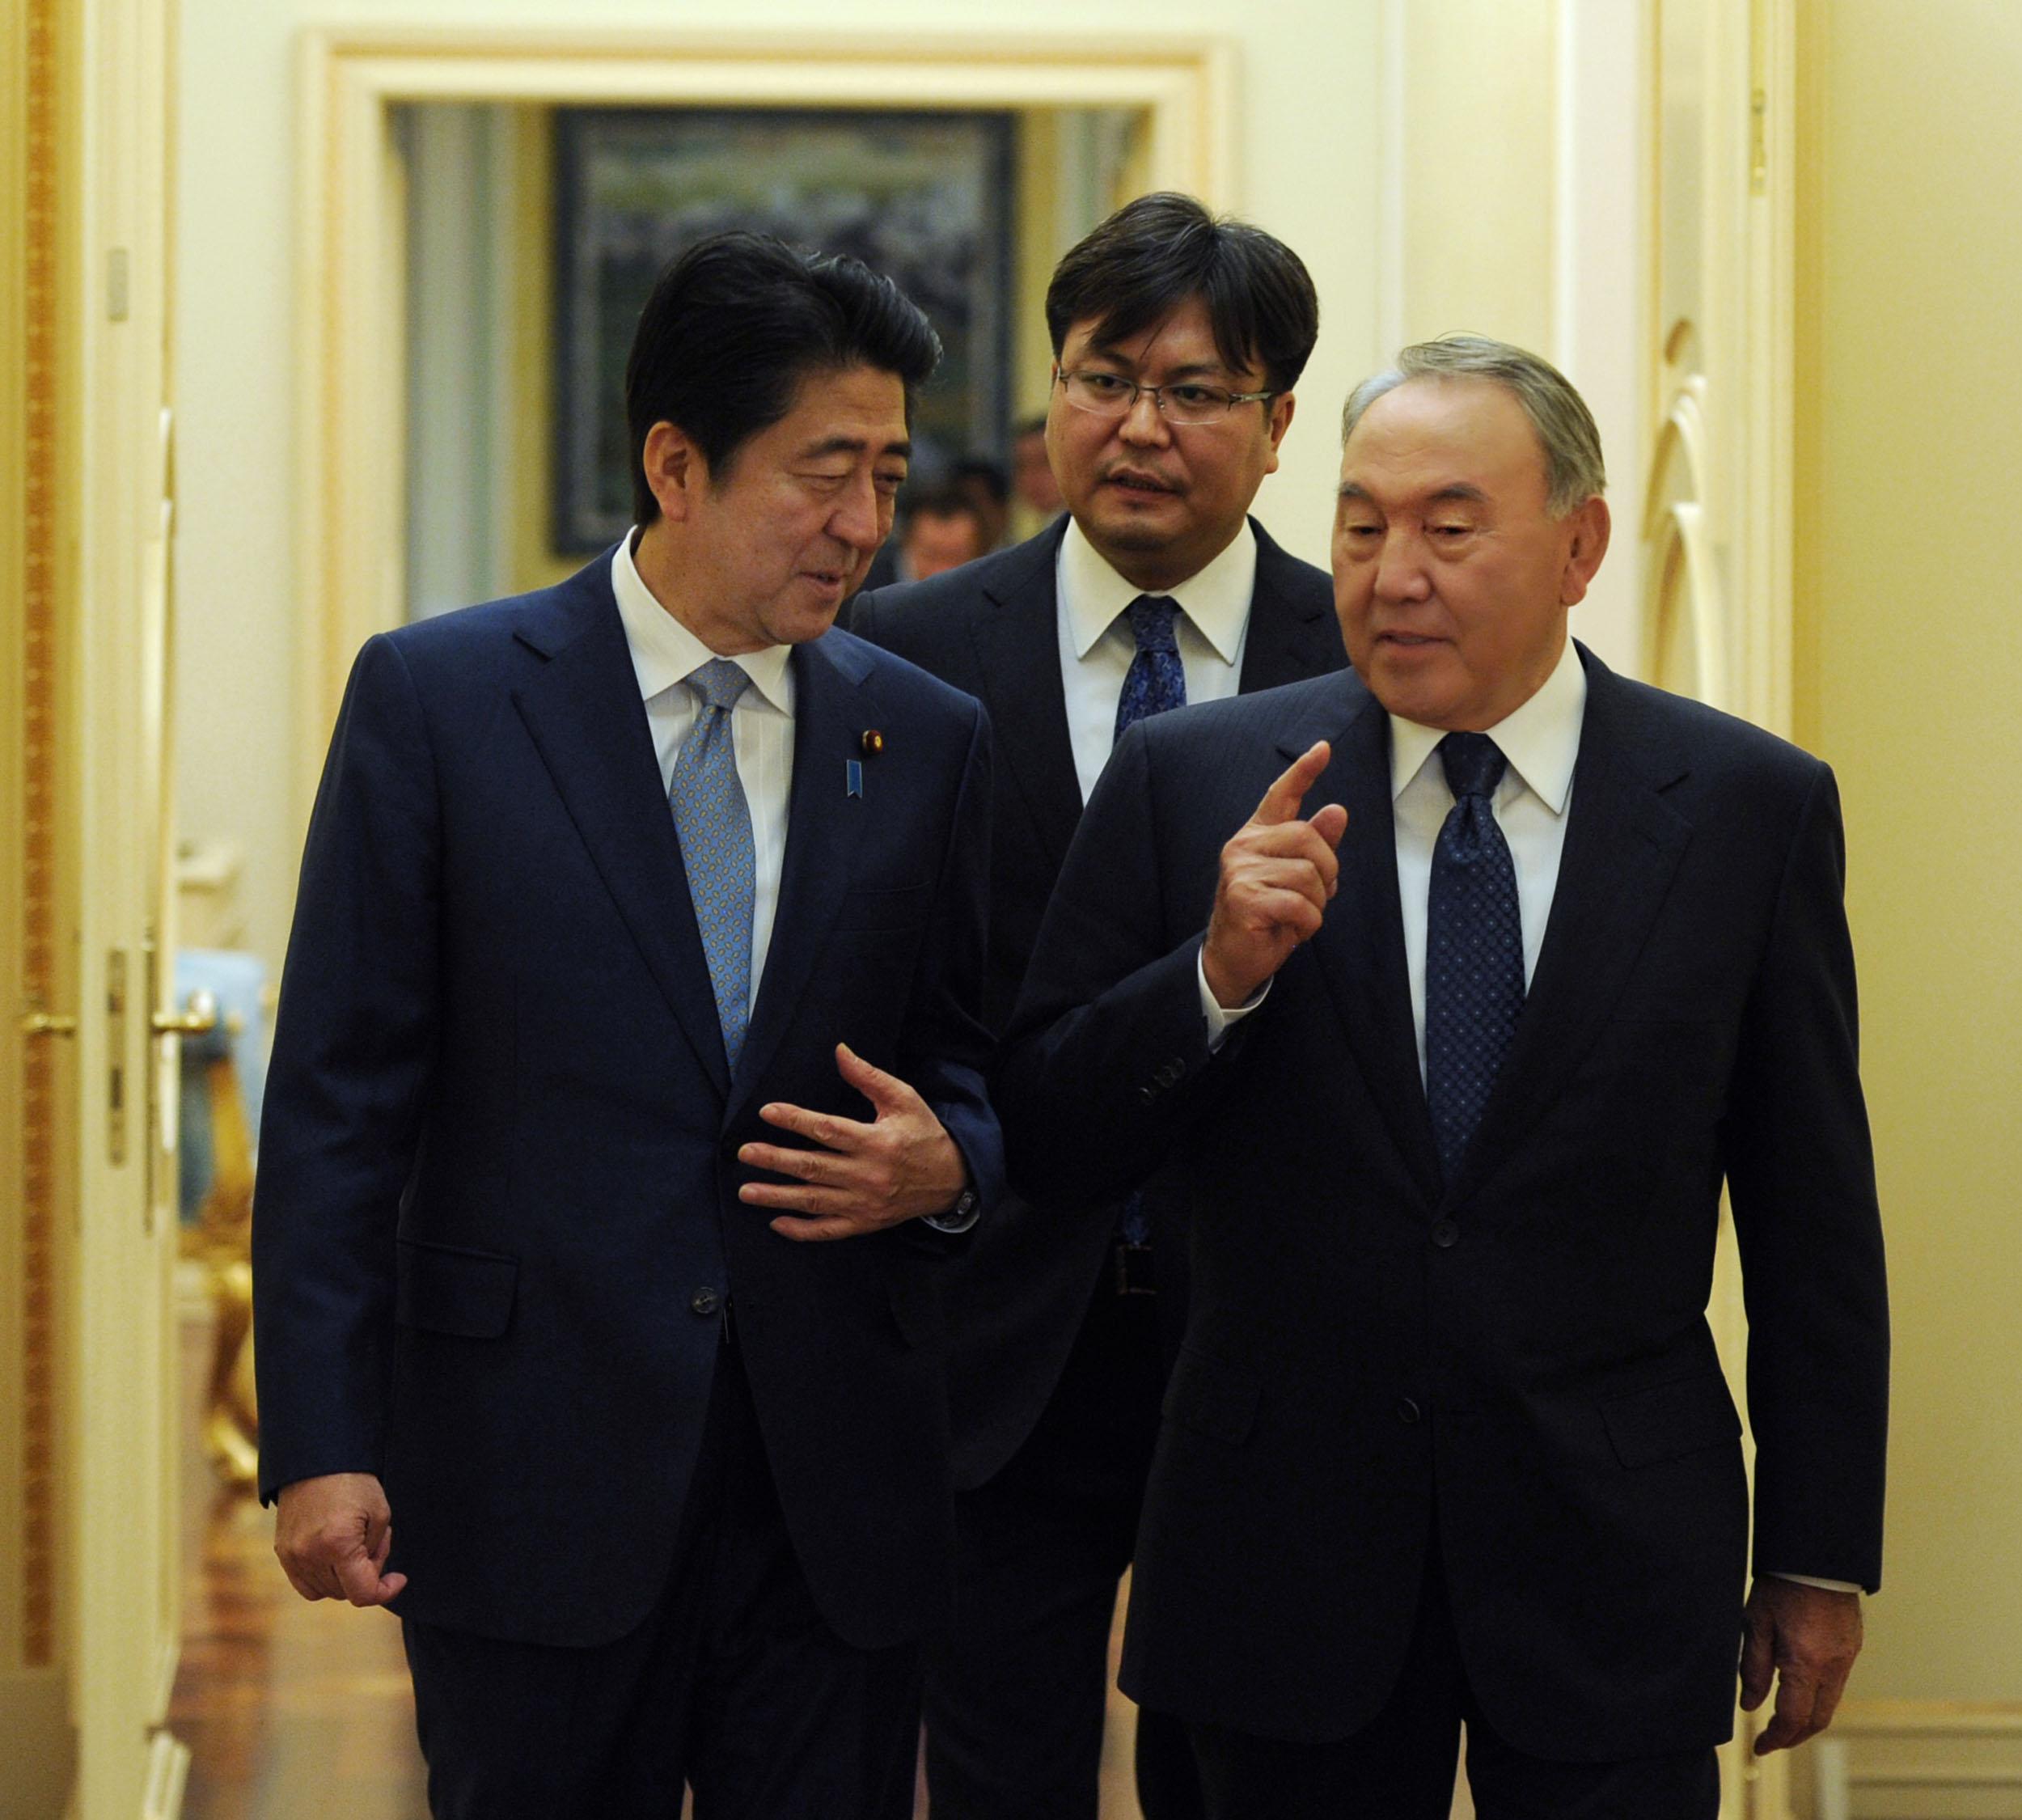 纳扎尔巴耶夫会见日本首相安倍晋三